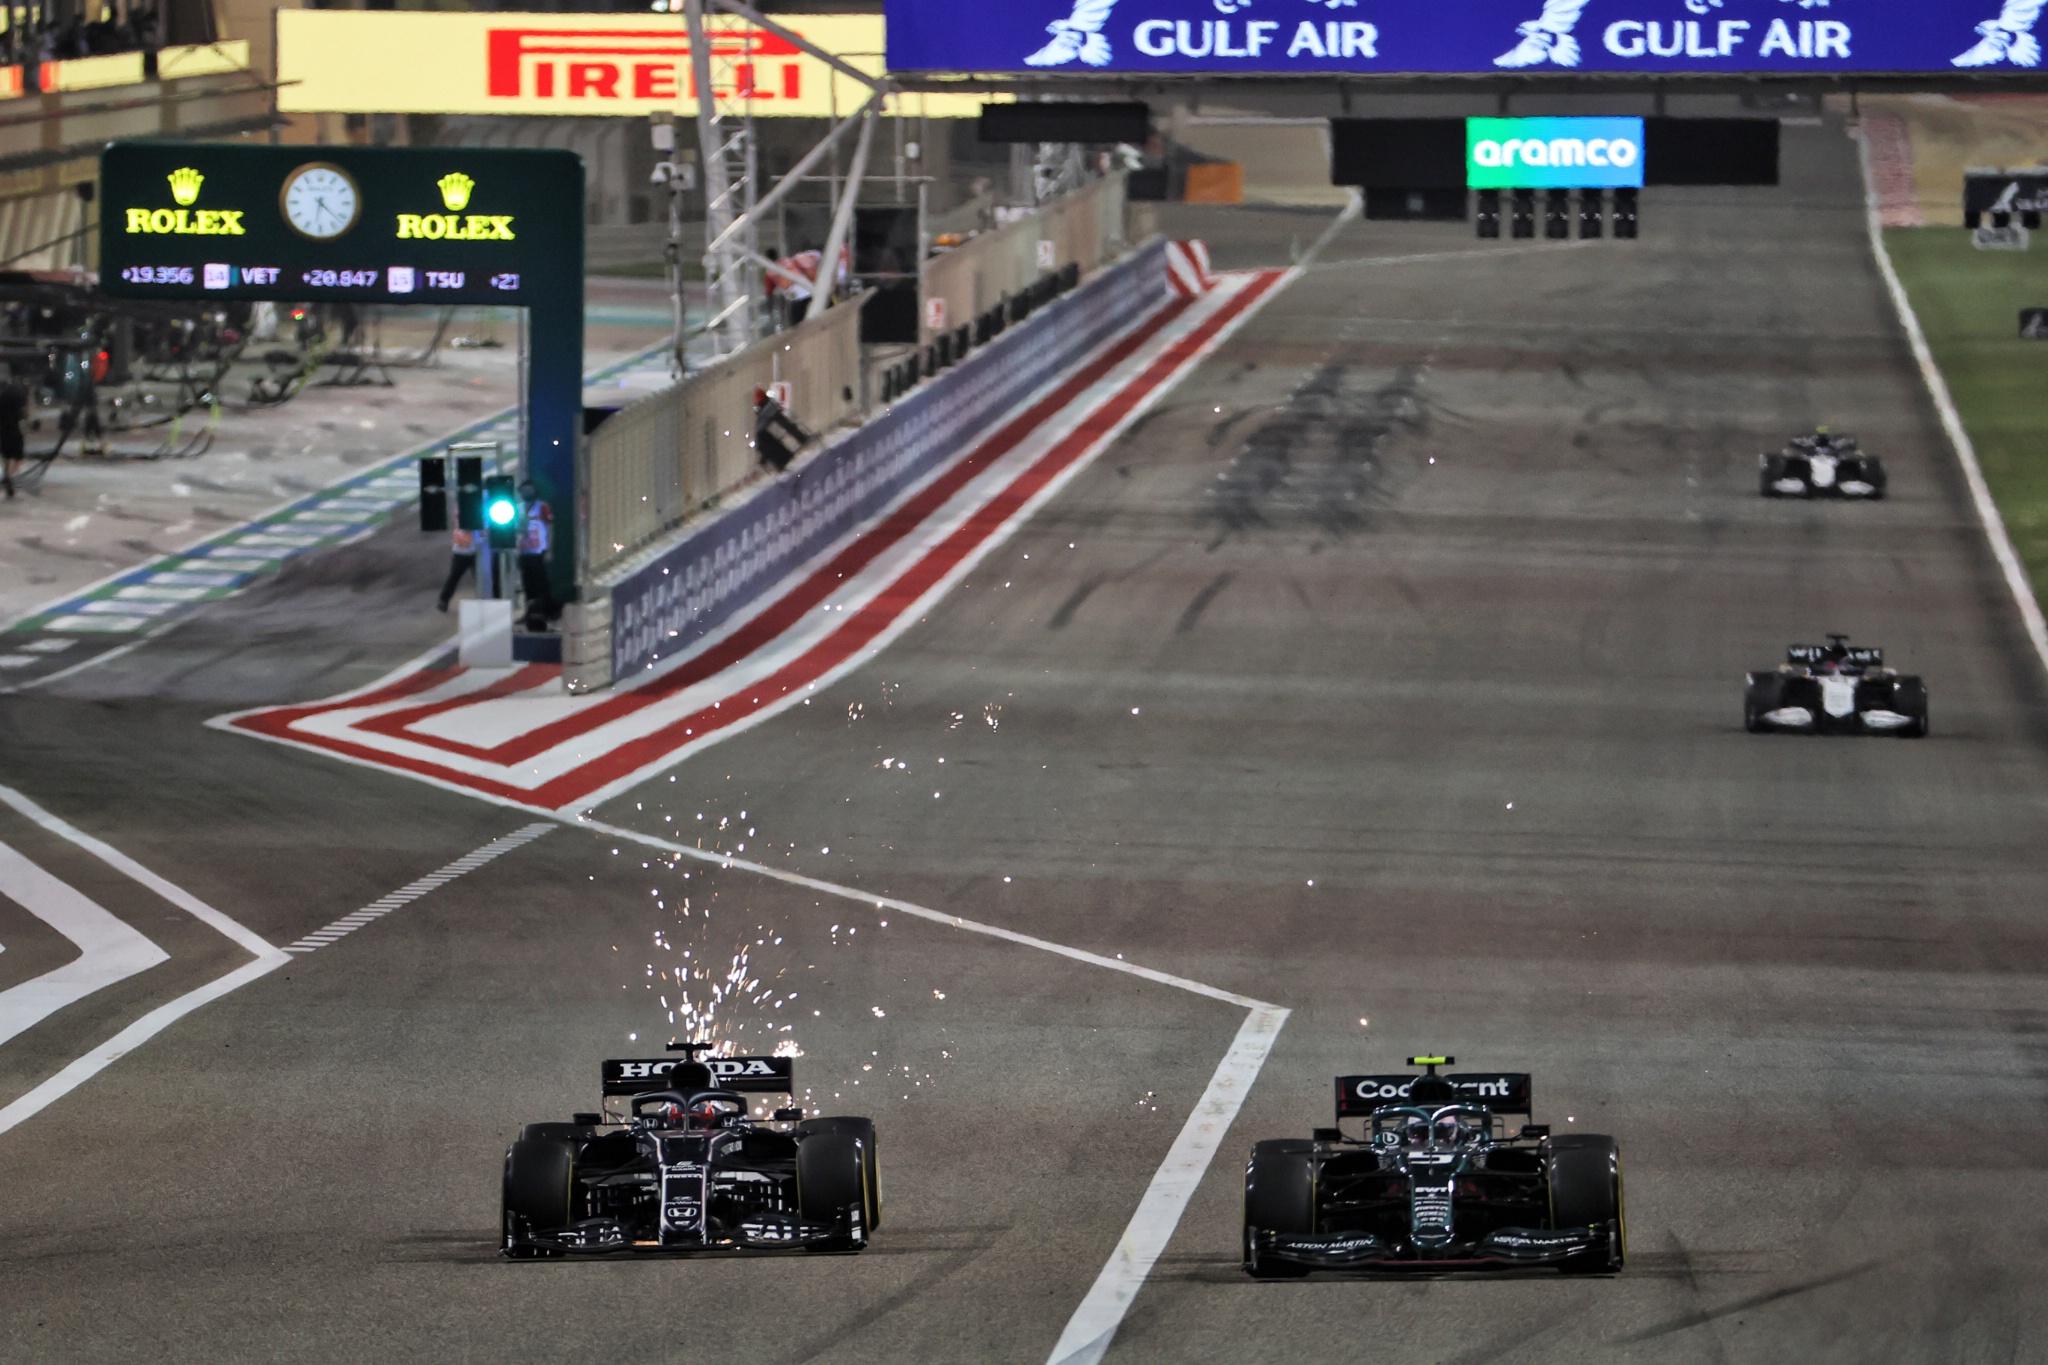 Yuki Tsunoda (JPN) AlphaTauri AT02 and Sebastian Vettel (GER) Aston Martin F1 Team AMR21 battle for position.